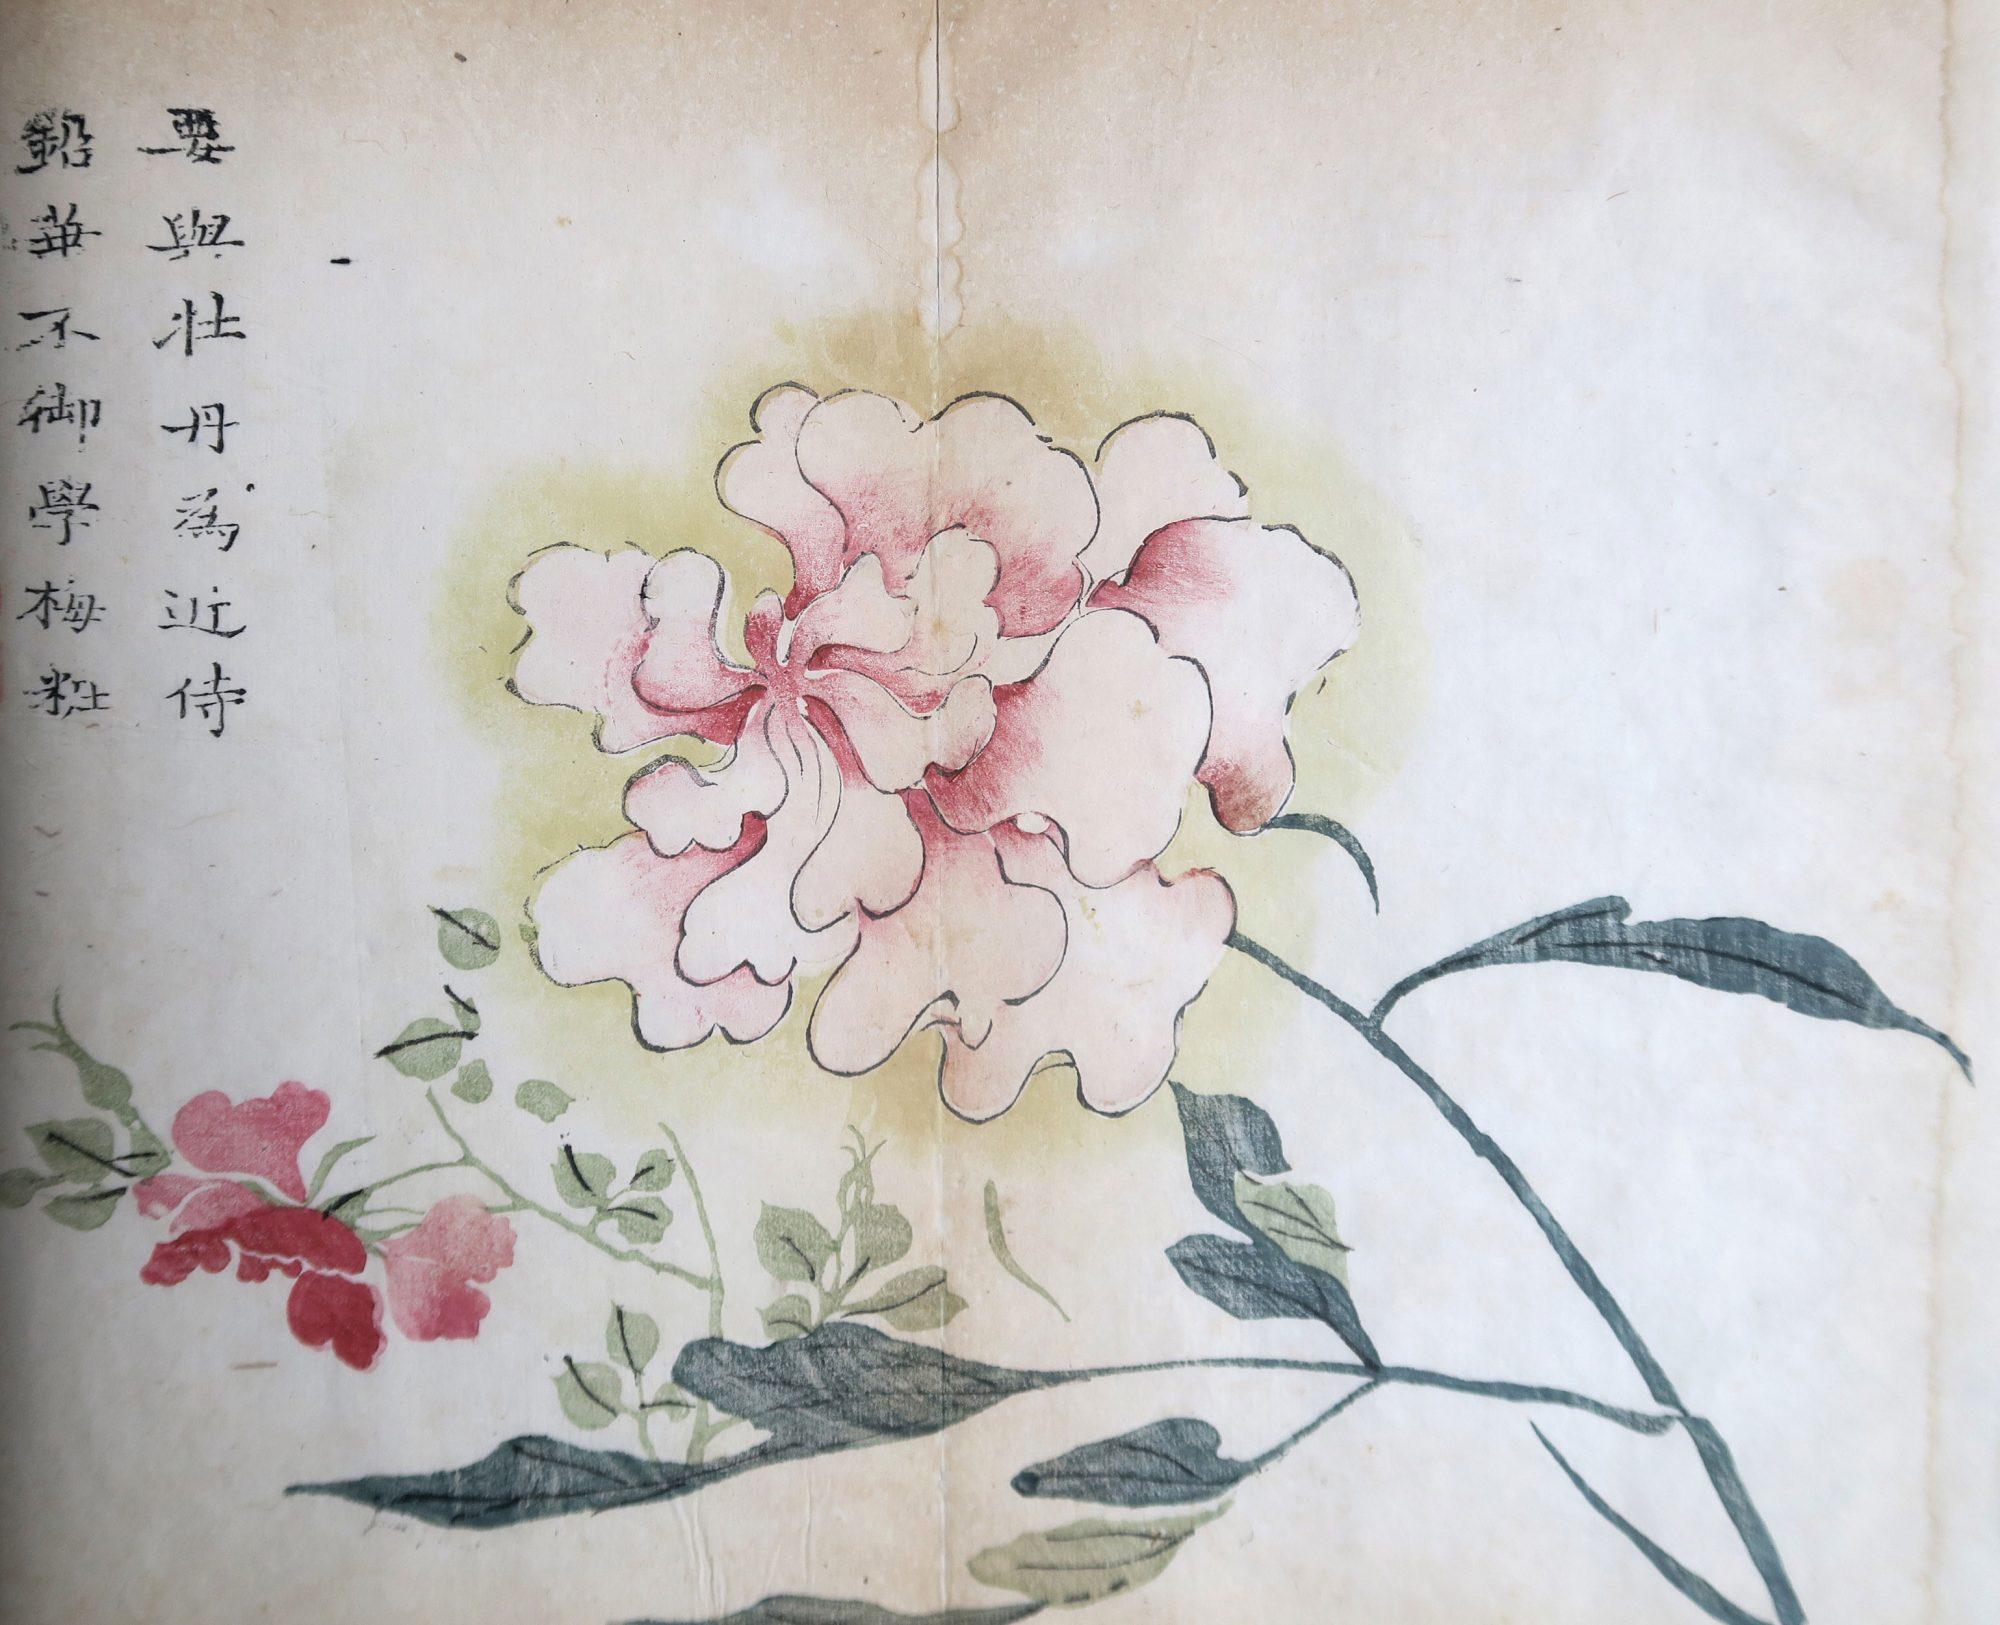 芥子園畫傳 or 芥子園畫譜 [Jieziyuan huapu or Jieziyuan huazhuan. Le Jardin grand comme un Grain de Moutarde. — The Mustard Seed Garden Painting Manual]